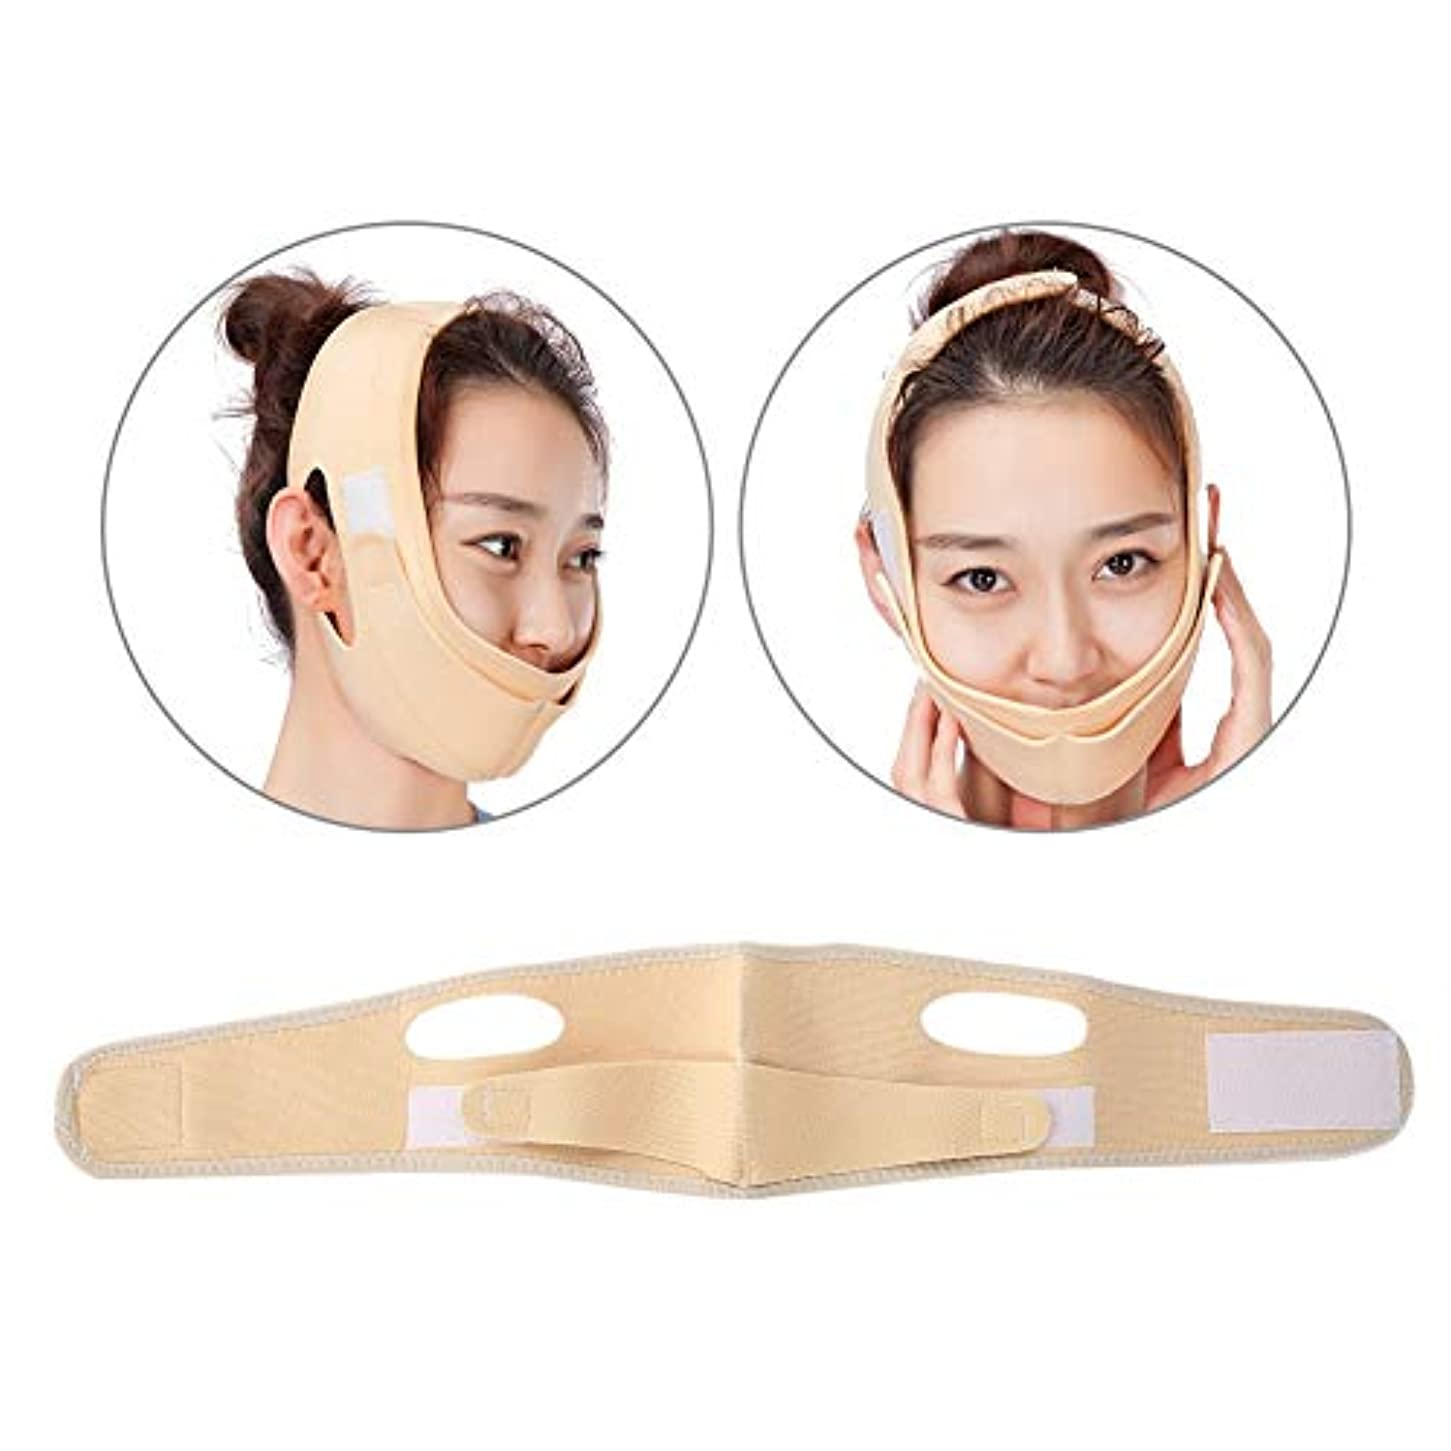 原点縁折り目フェイスリフト用 フェイスマスク 顔輪郭を改善する 美容包帯 通気性/伸縮性/変形不可(01)